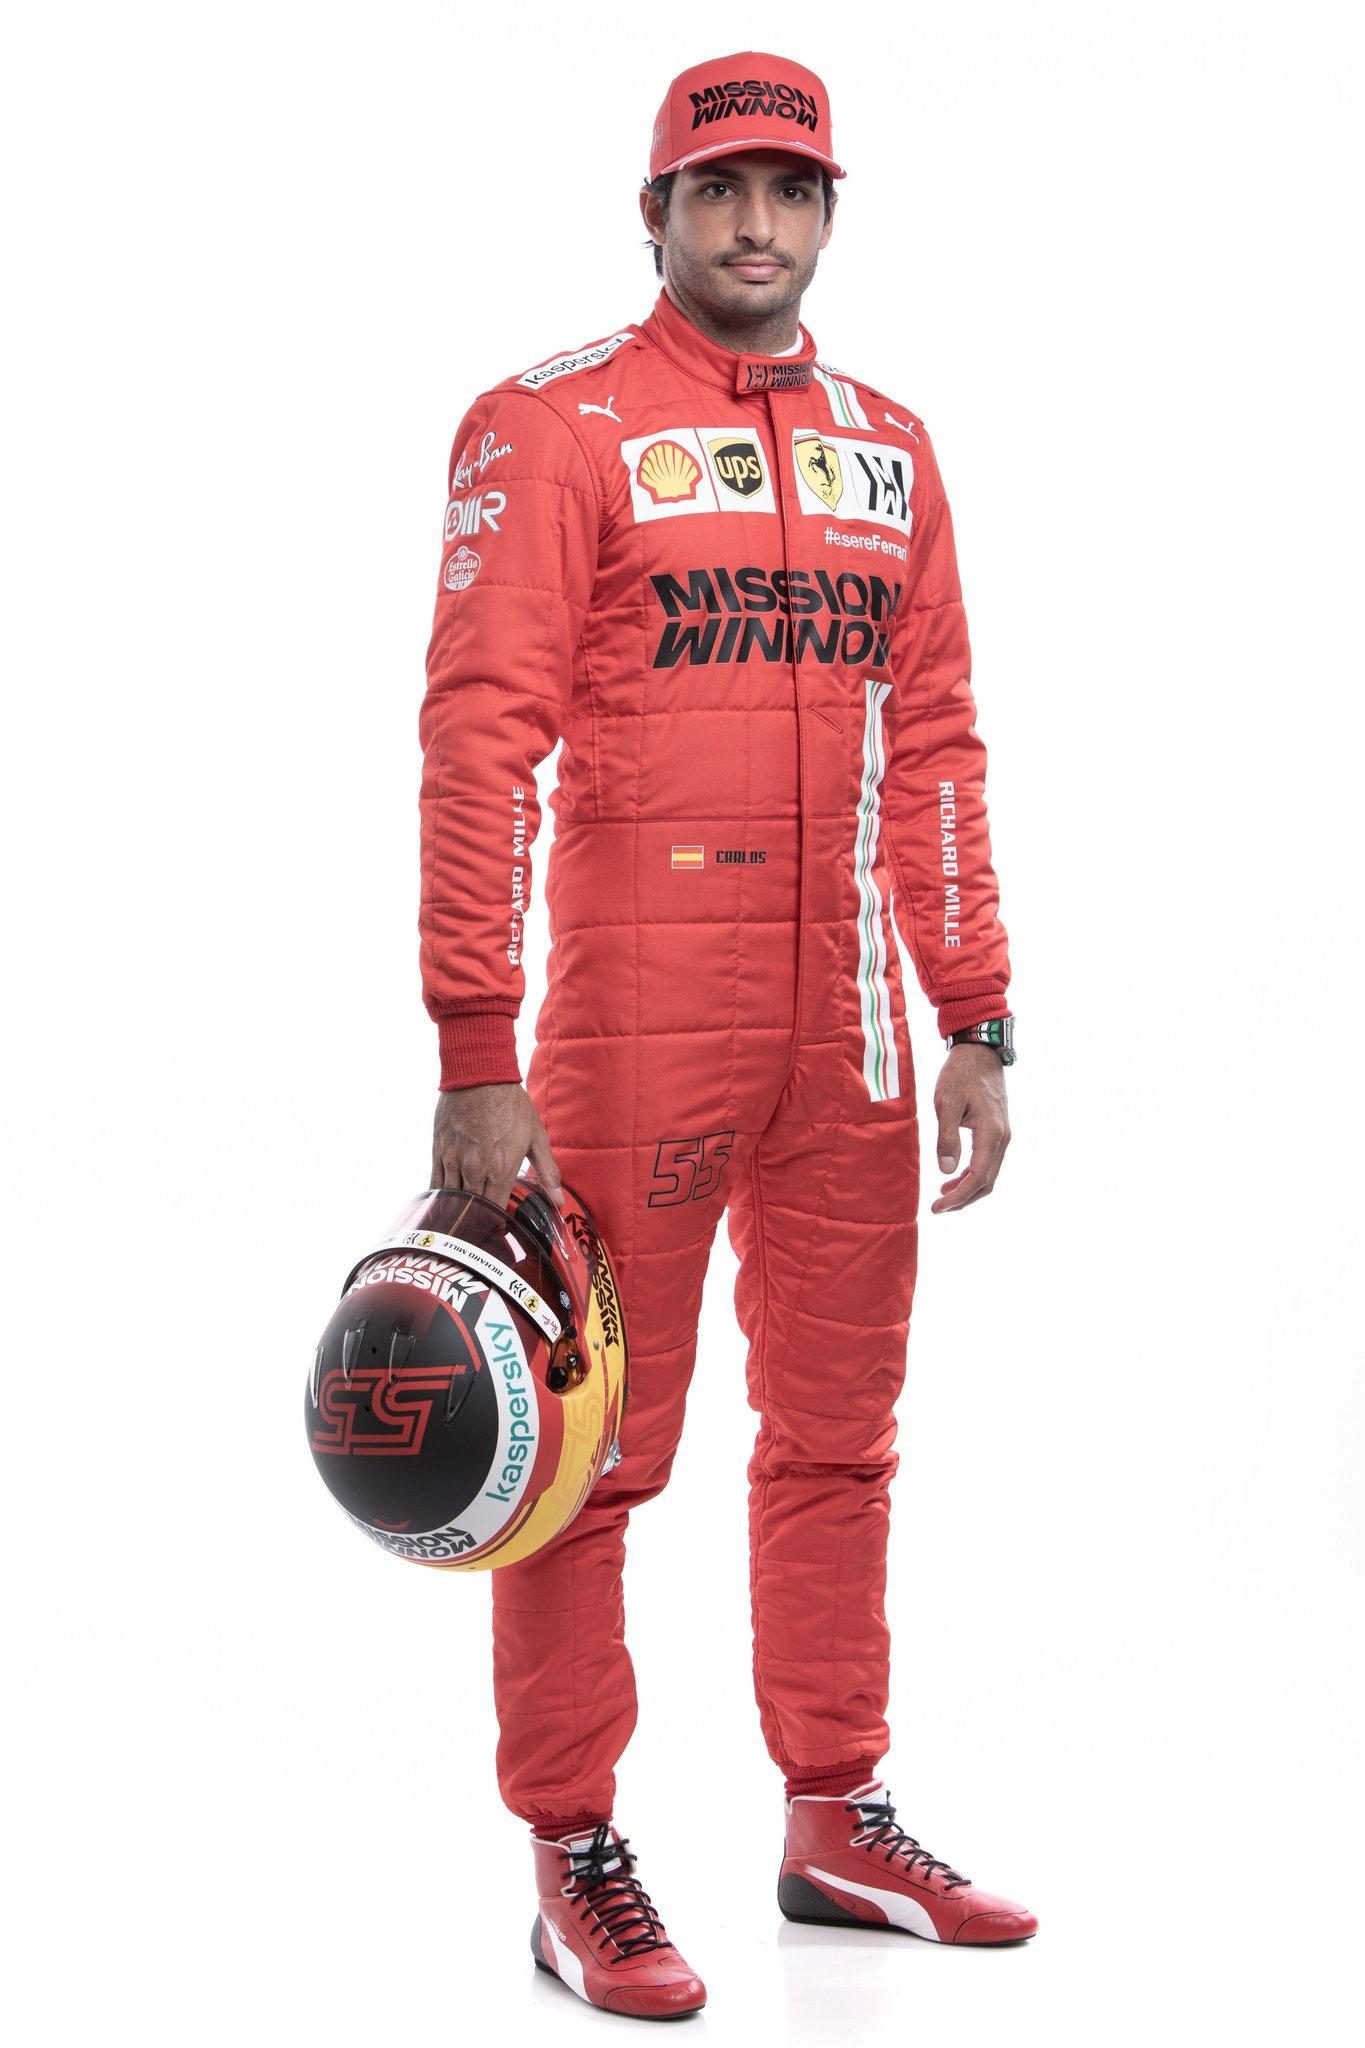 كارلوس ساينز سائق فريق فيراري